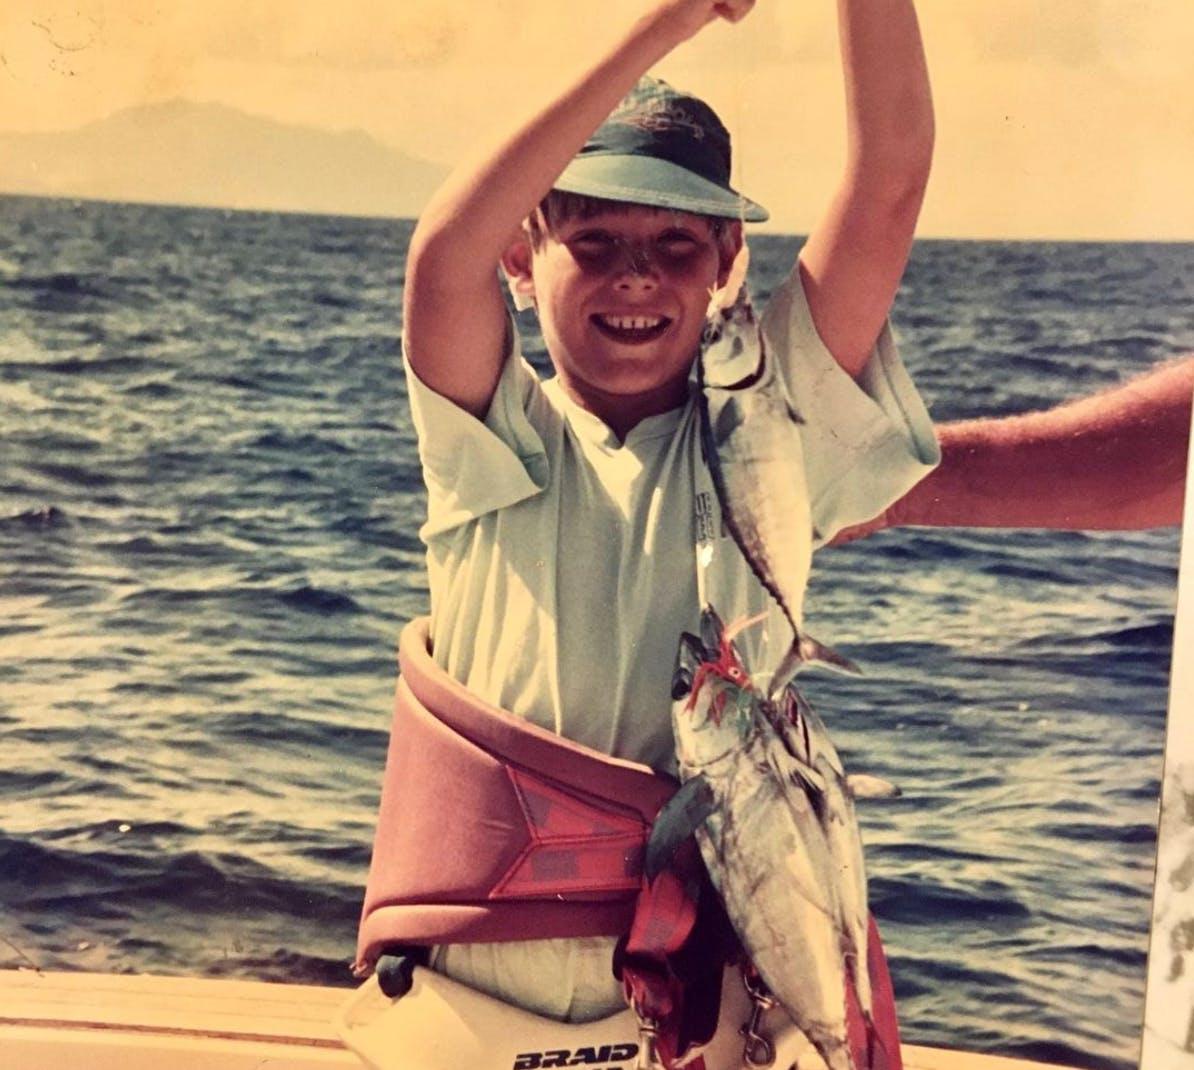 On peut dire que Vincent Torta est tombé dans la pêche depuis tout petit